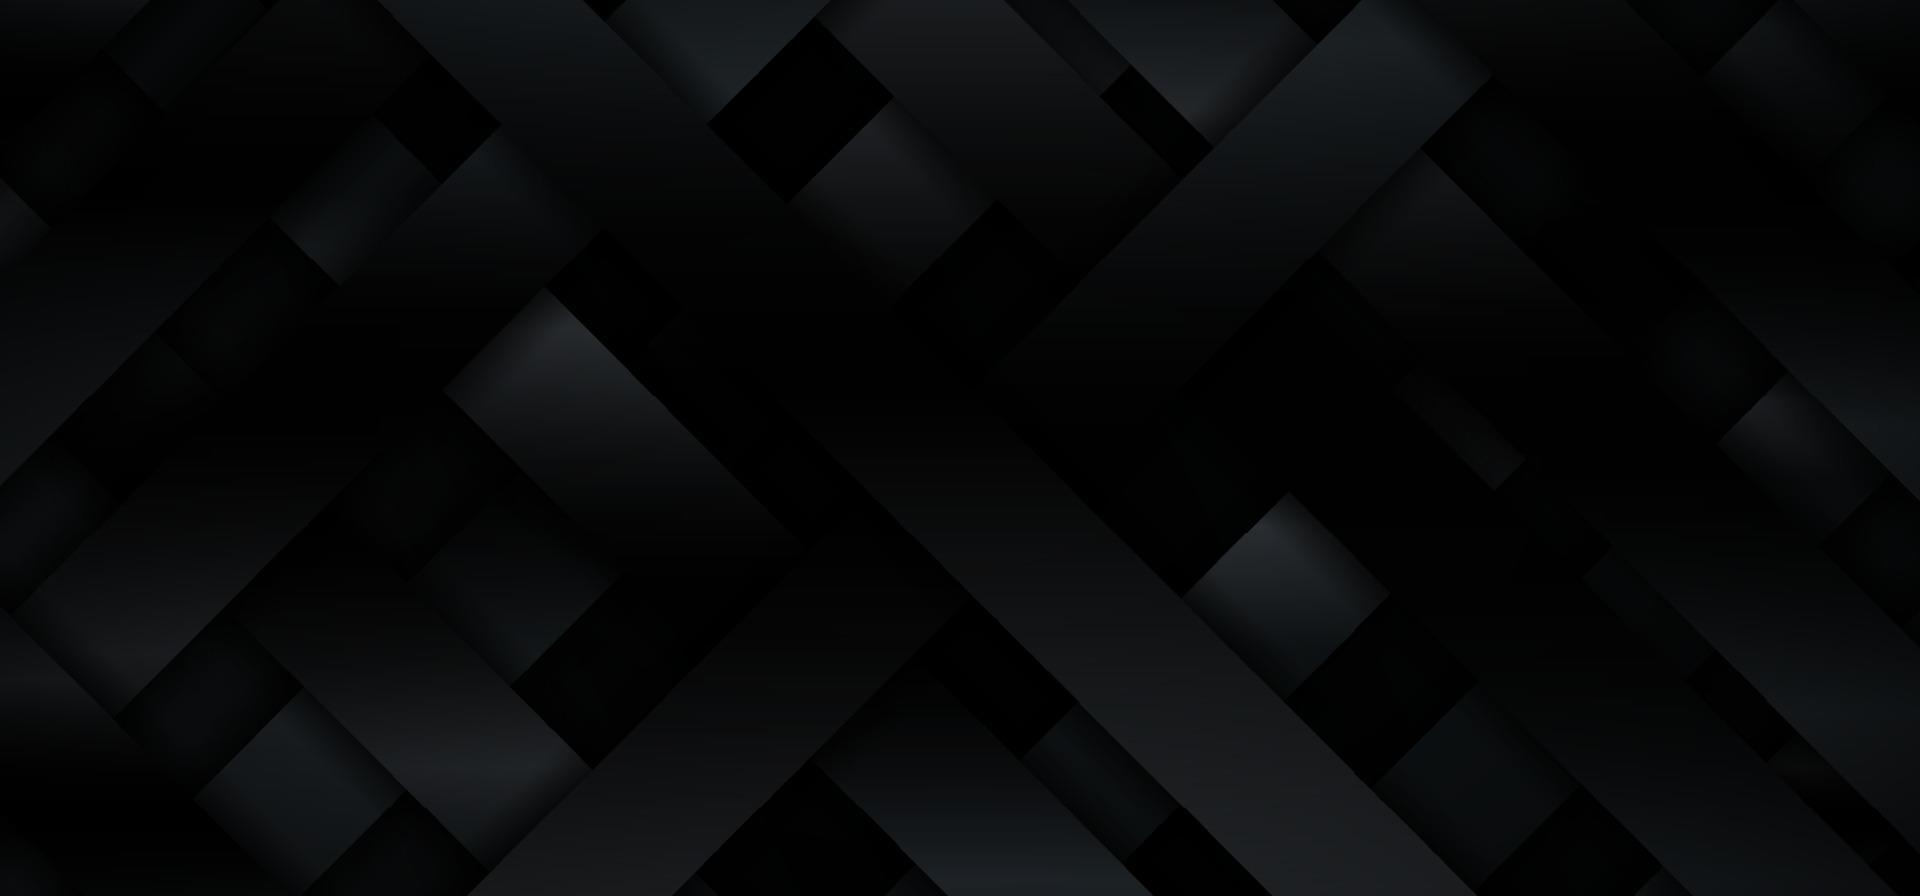 3d abstrait noir dégradé métallique rayures diagonales motif tissage fond et texture vecteur